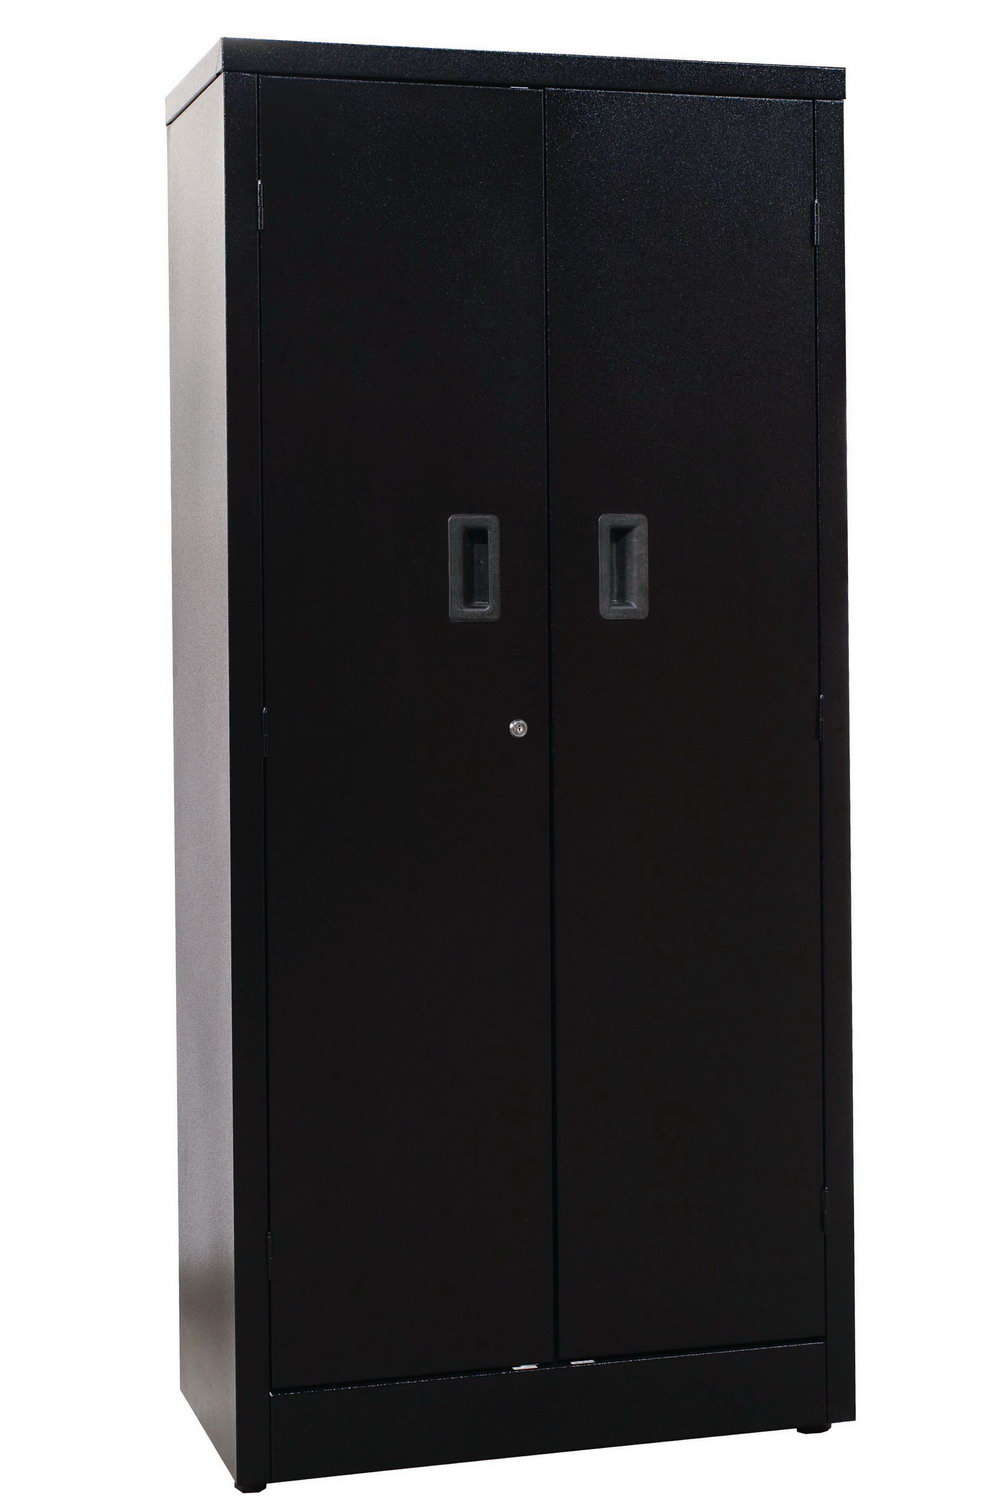 Craftsman Garage Storage Cabinets